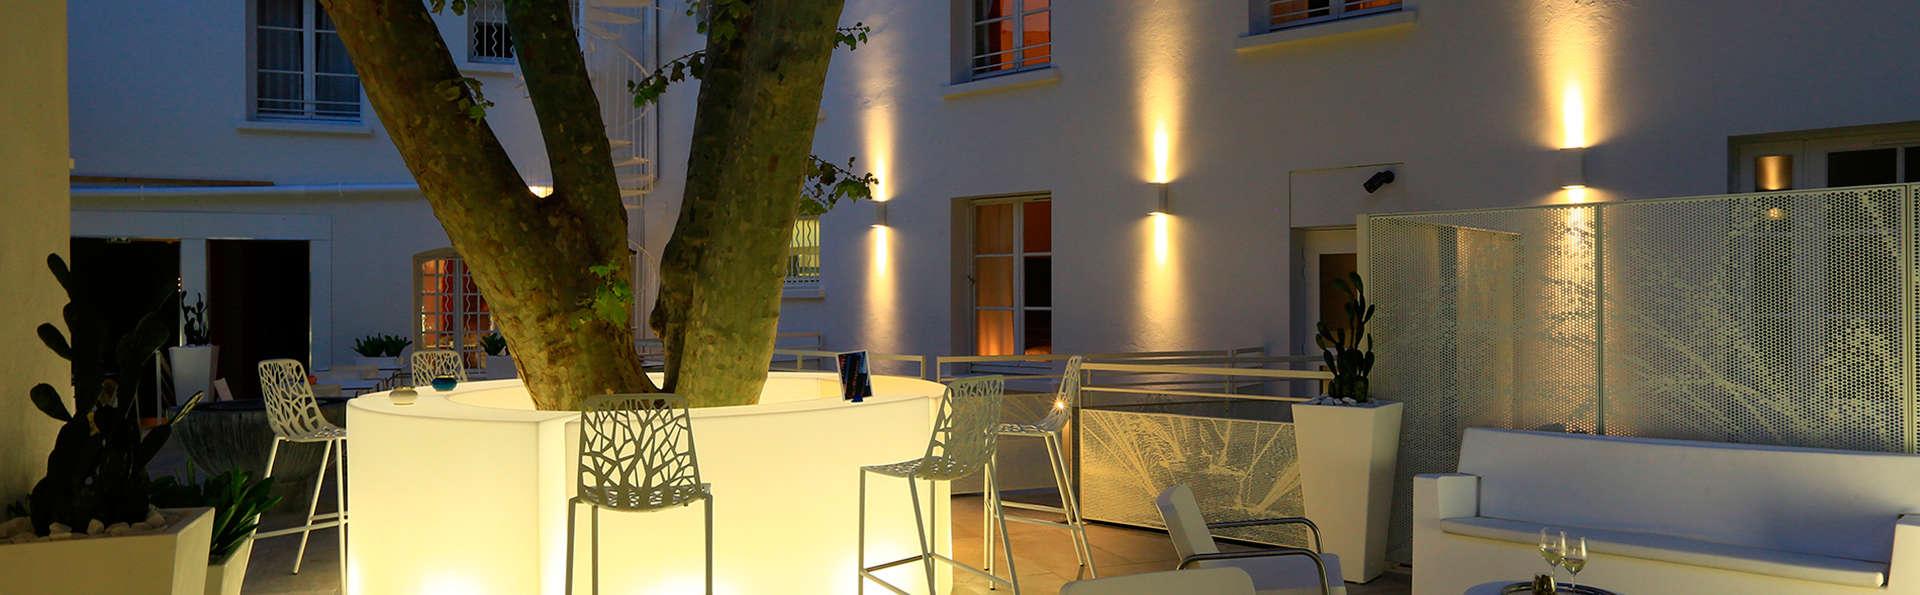 H tel c zanne boutique 4 aix en provence france for Hotel cezanne boutique hotel